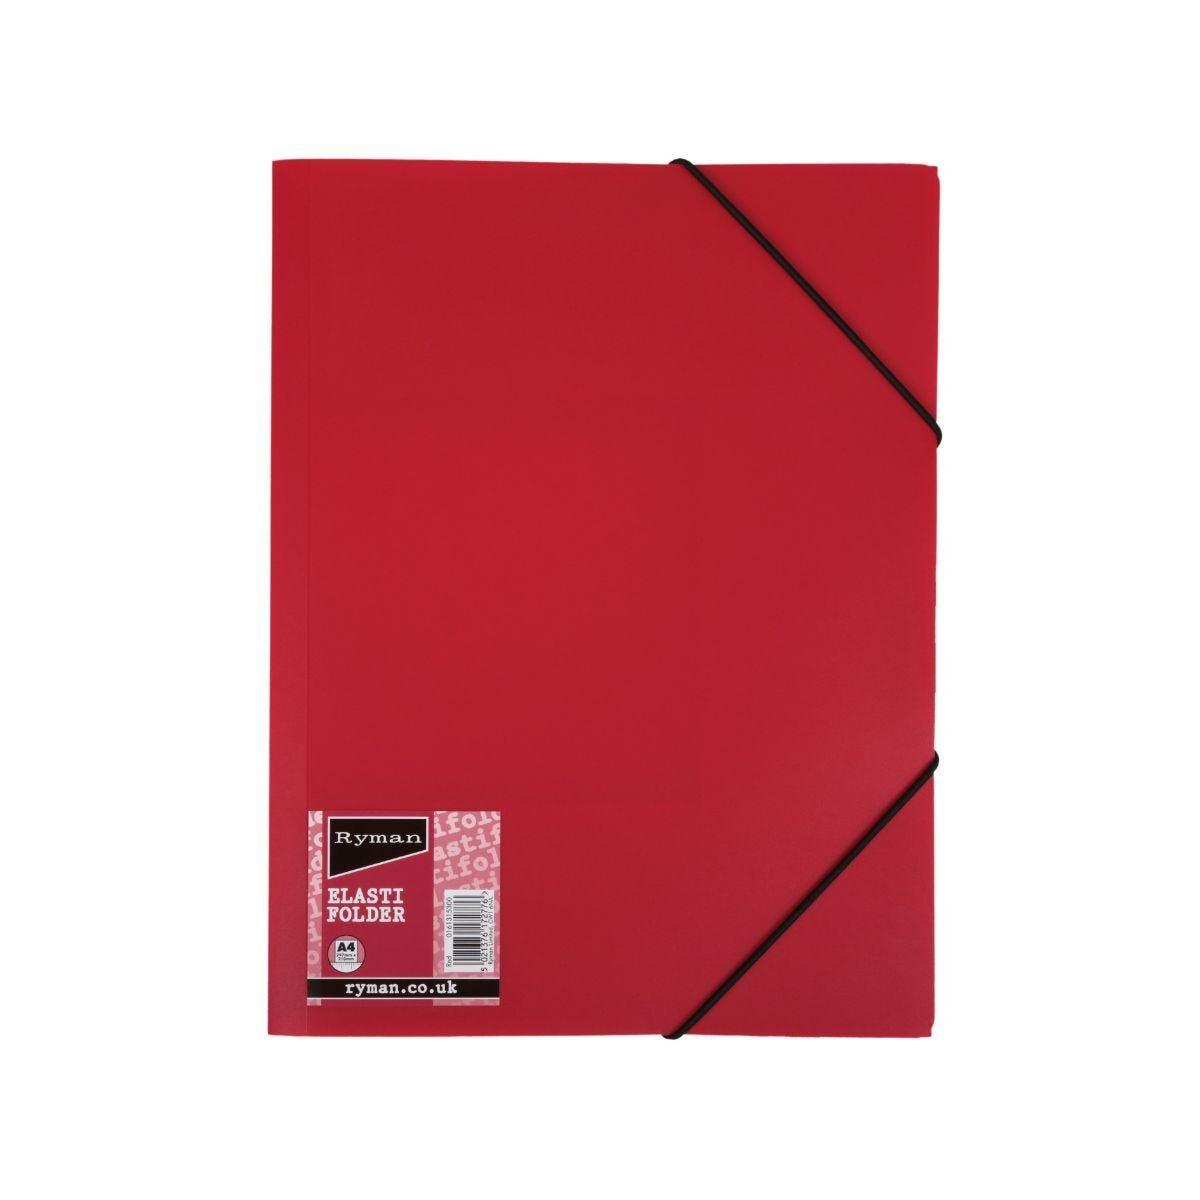 Ryman Elasti Folder A4 Red